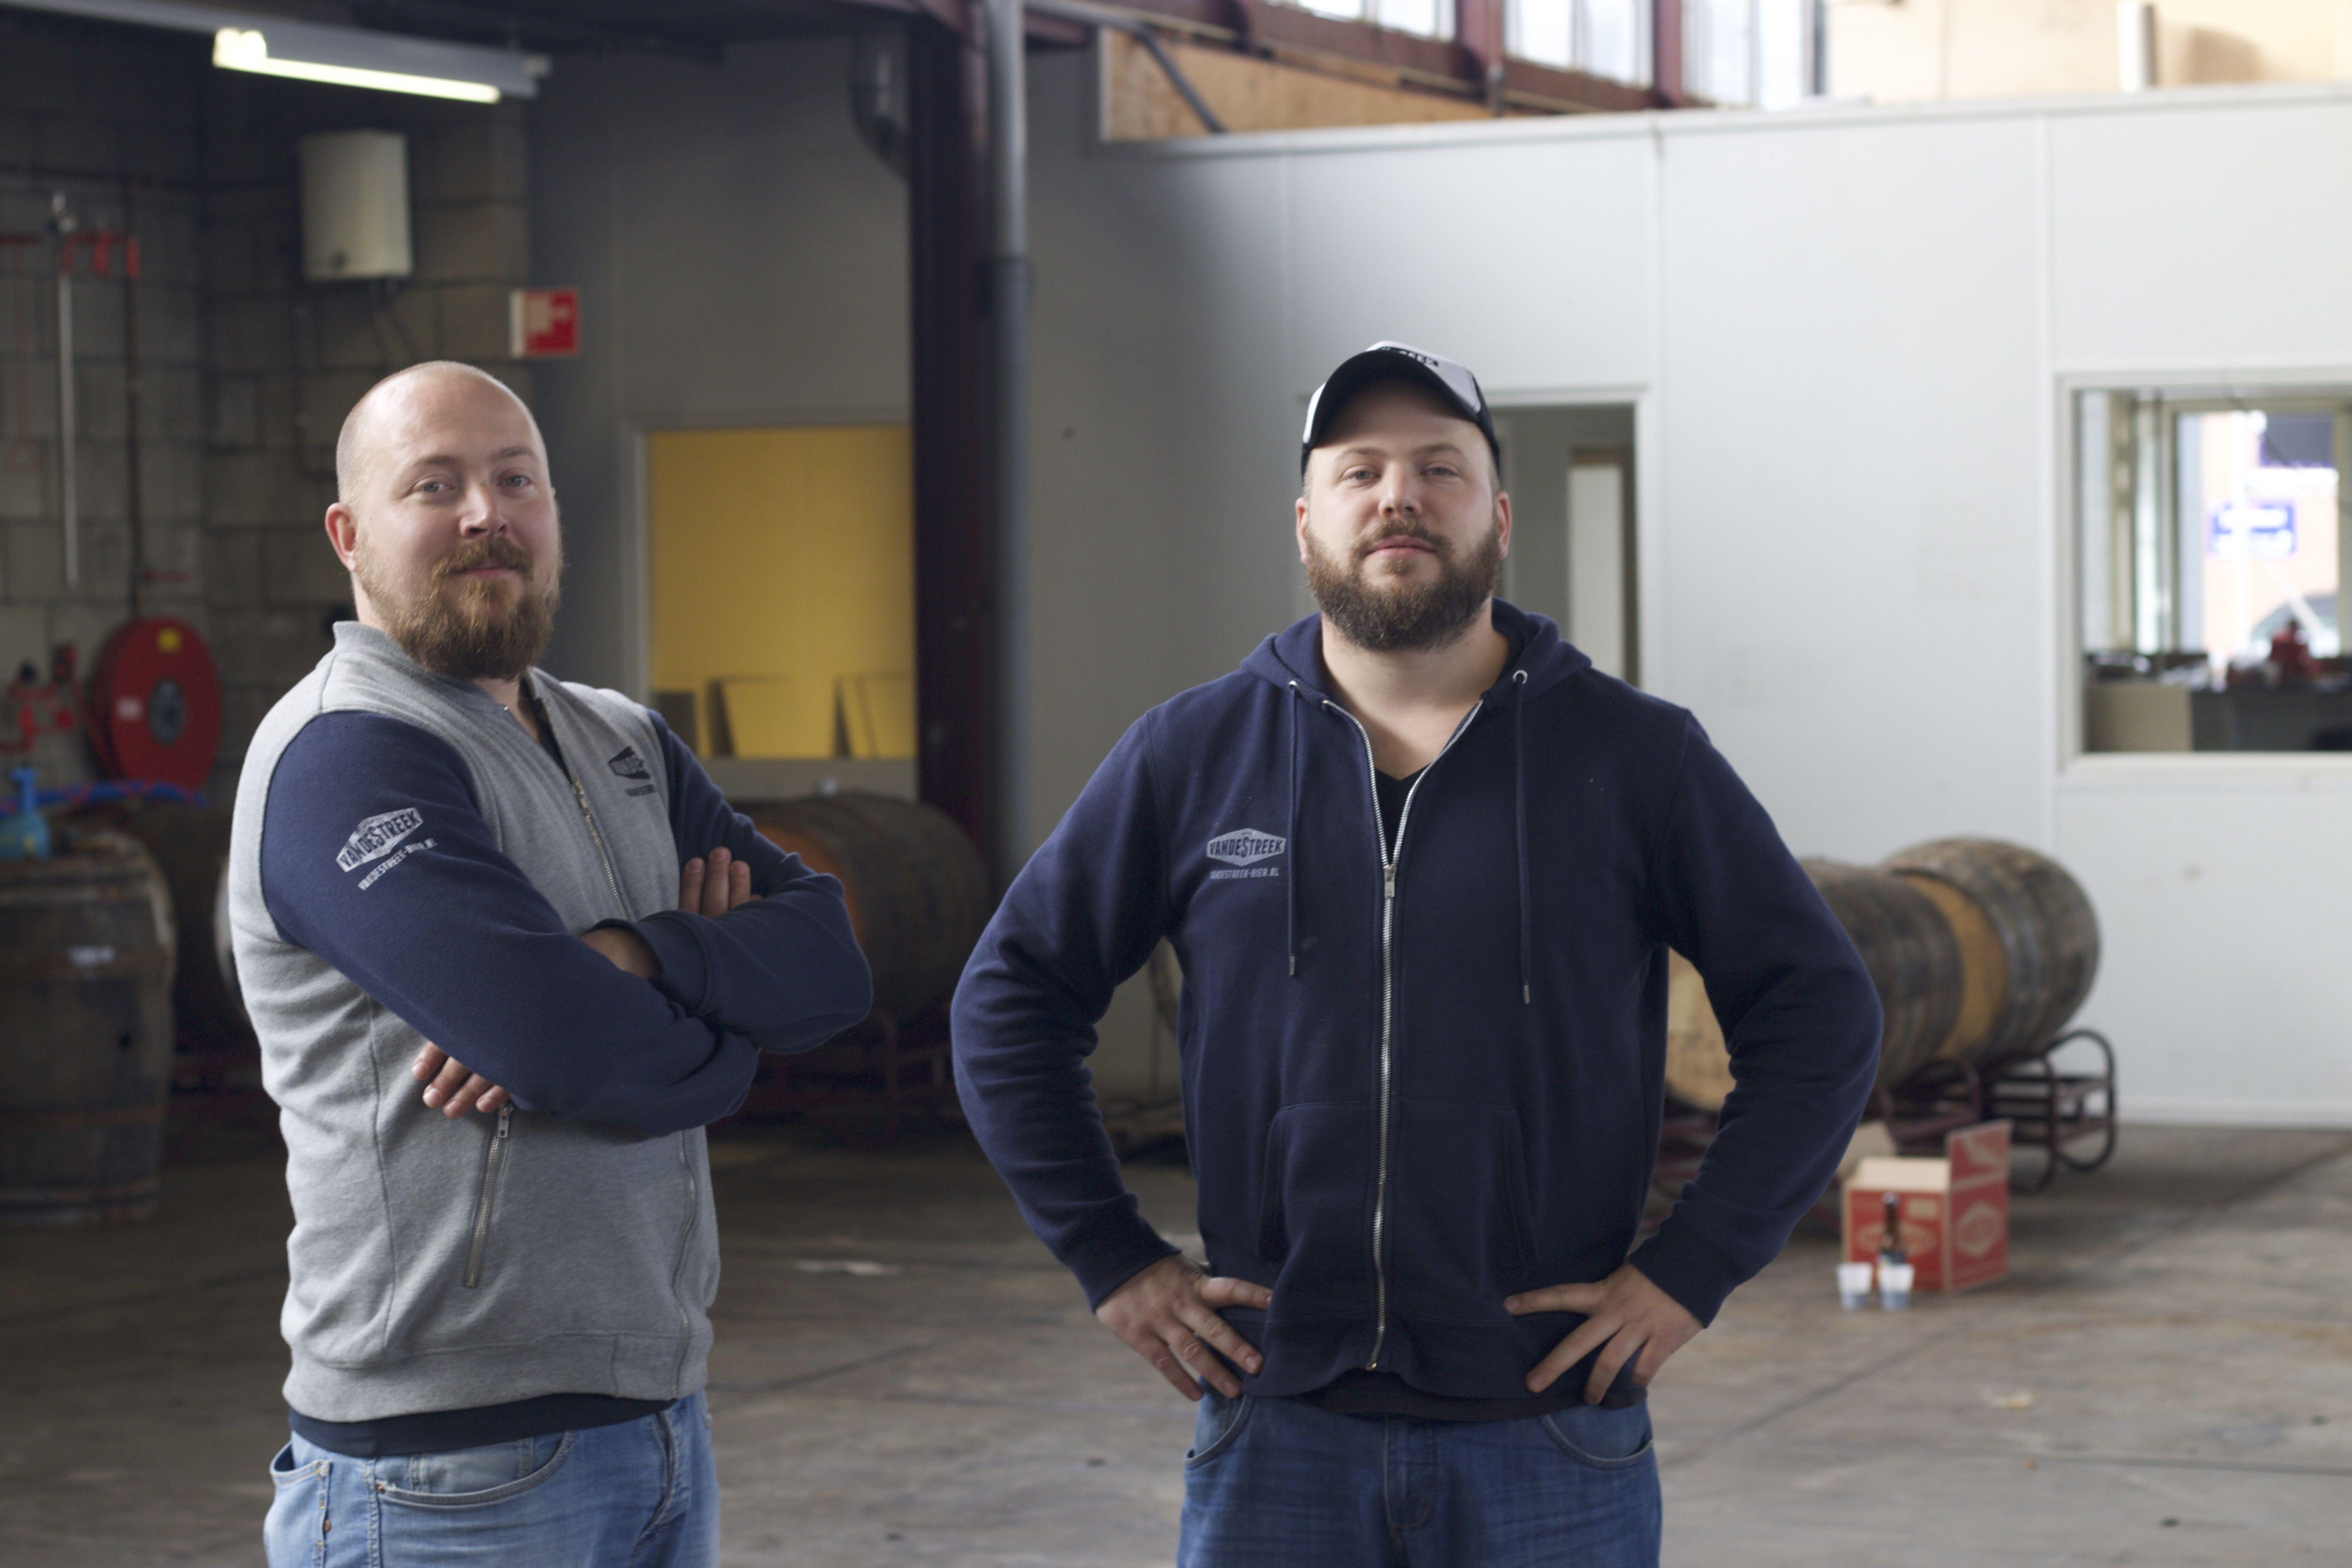 Je moet gewoon doen en gaan Een jaar lang mochten wij meekijken met Ronald en Sander van de Streek. Twee bierbrouwendebroers met grootse plannen! Het bedrijf dat ooit als hobby begon in een flatje inUtrecht, moest nu een eigen brouwerij krijgen. Voor de laatste keer zoeken we de tweemannen op. Is de droom werkelijkheid geworden? […]